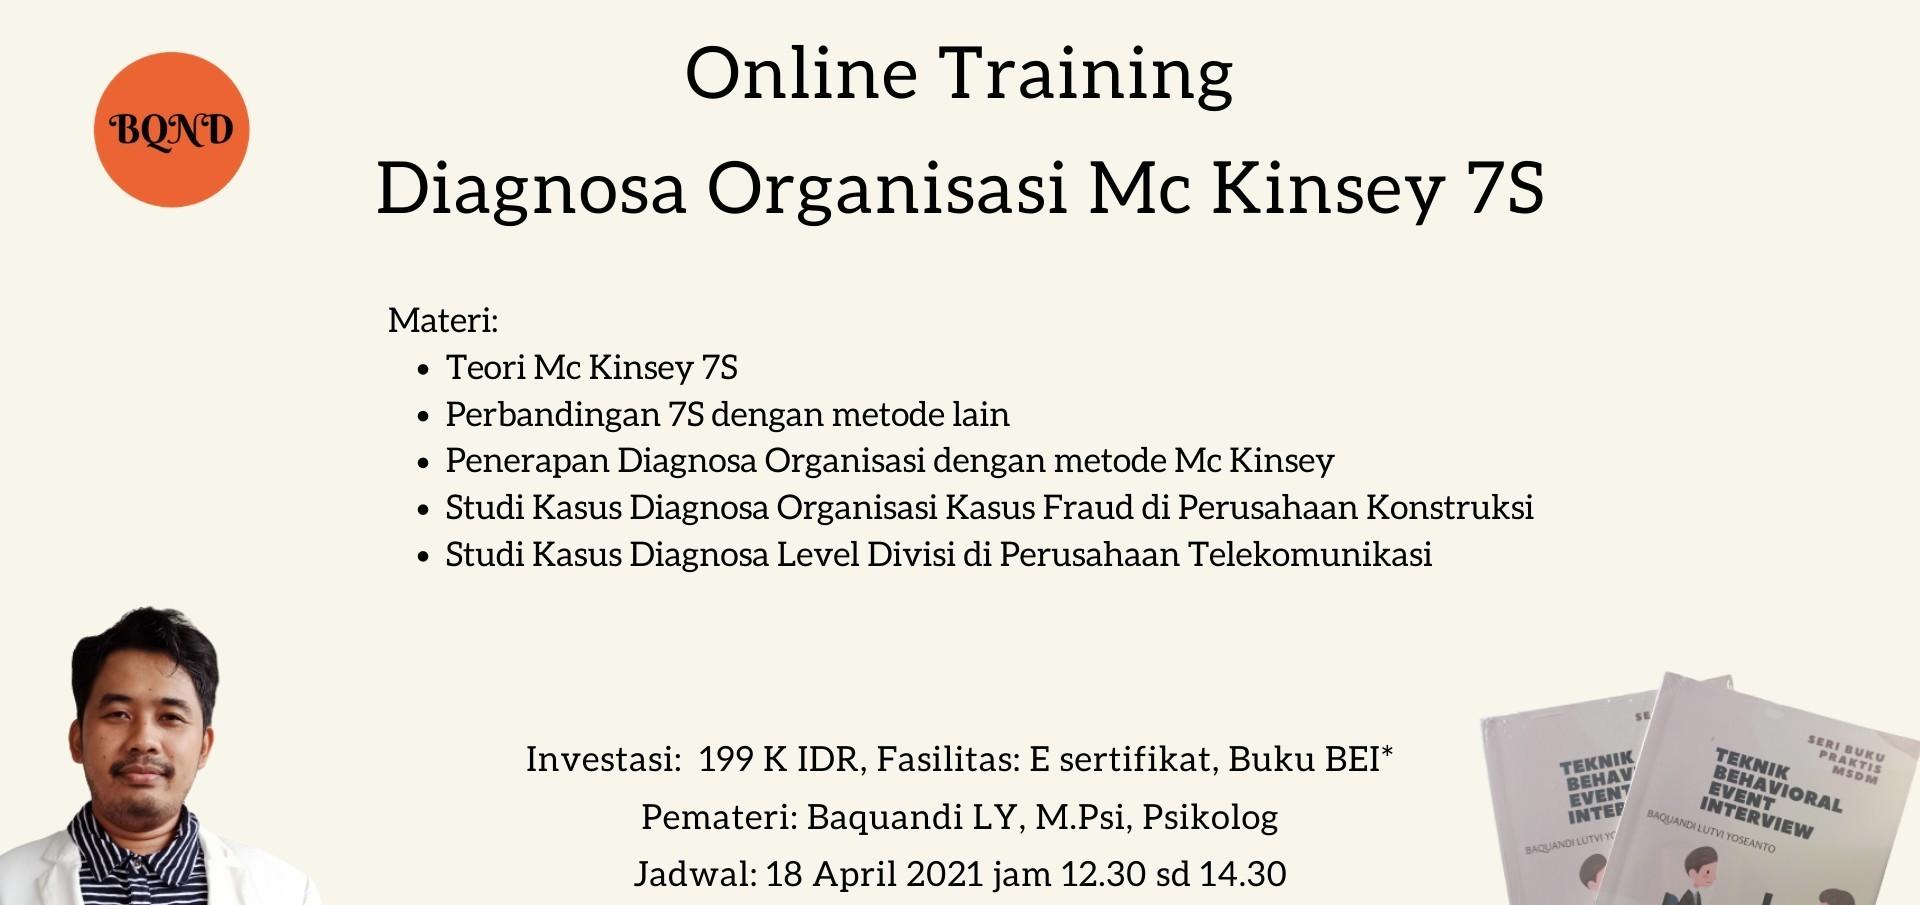 Training Diagnosa Organisasi Metode Mc Kinsey 7S Basic